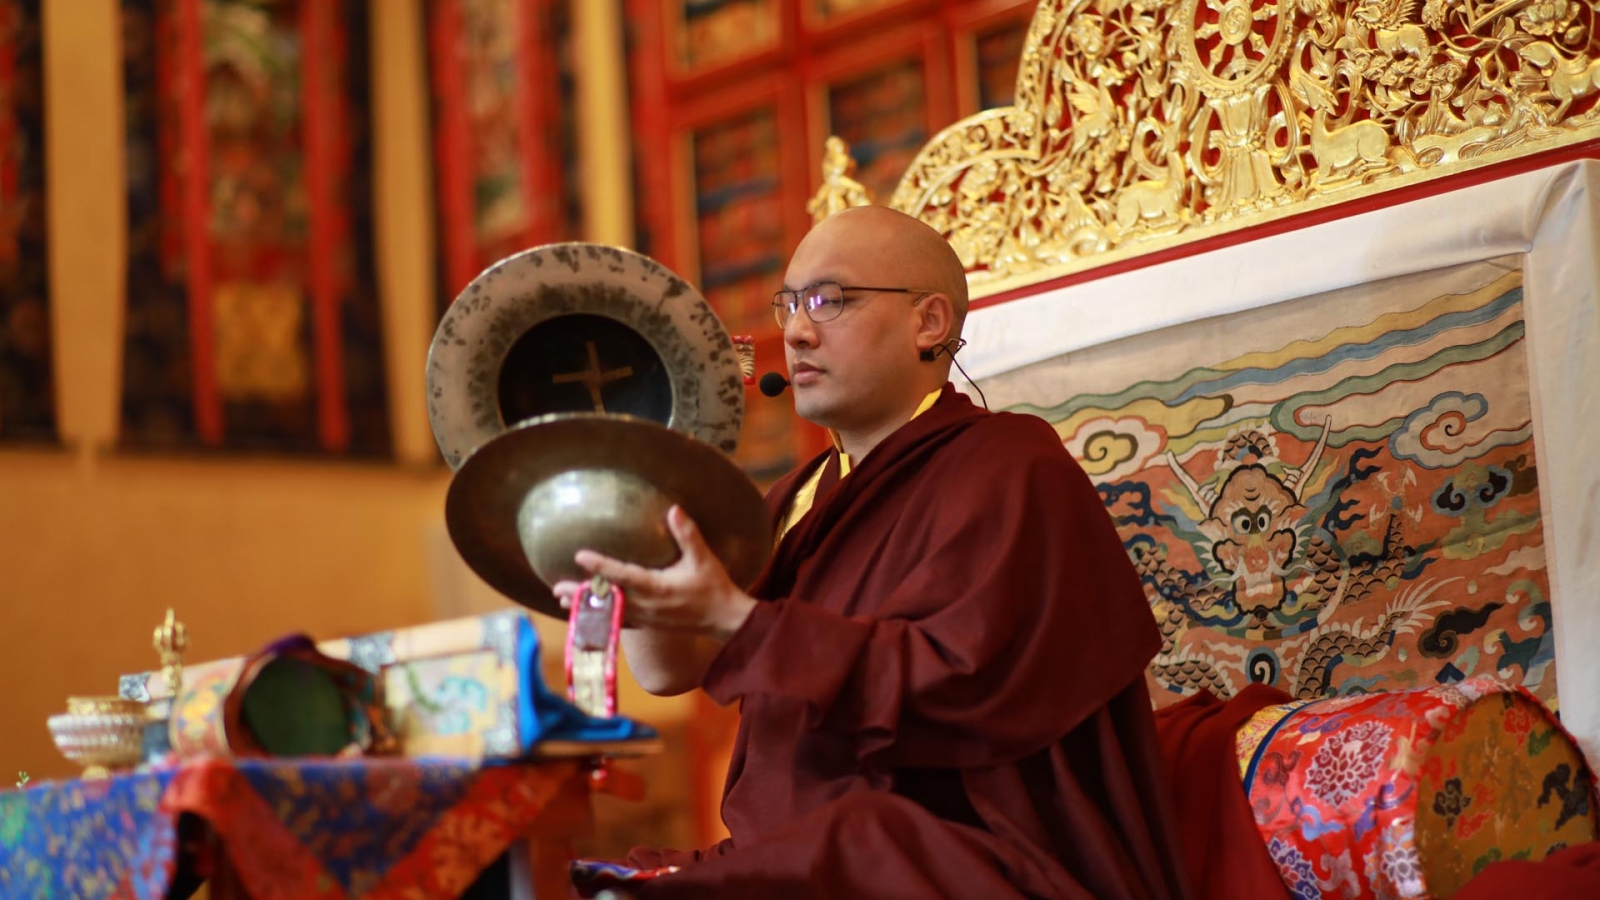 Karmapa playing cymbols